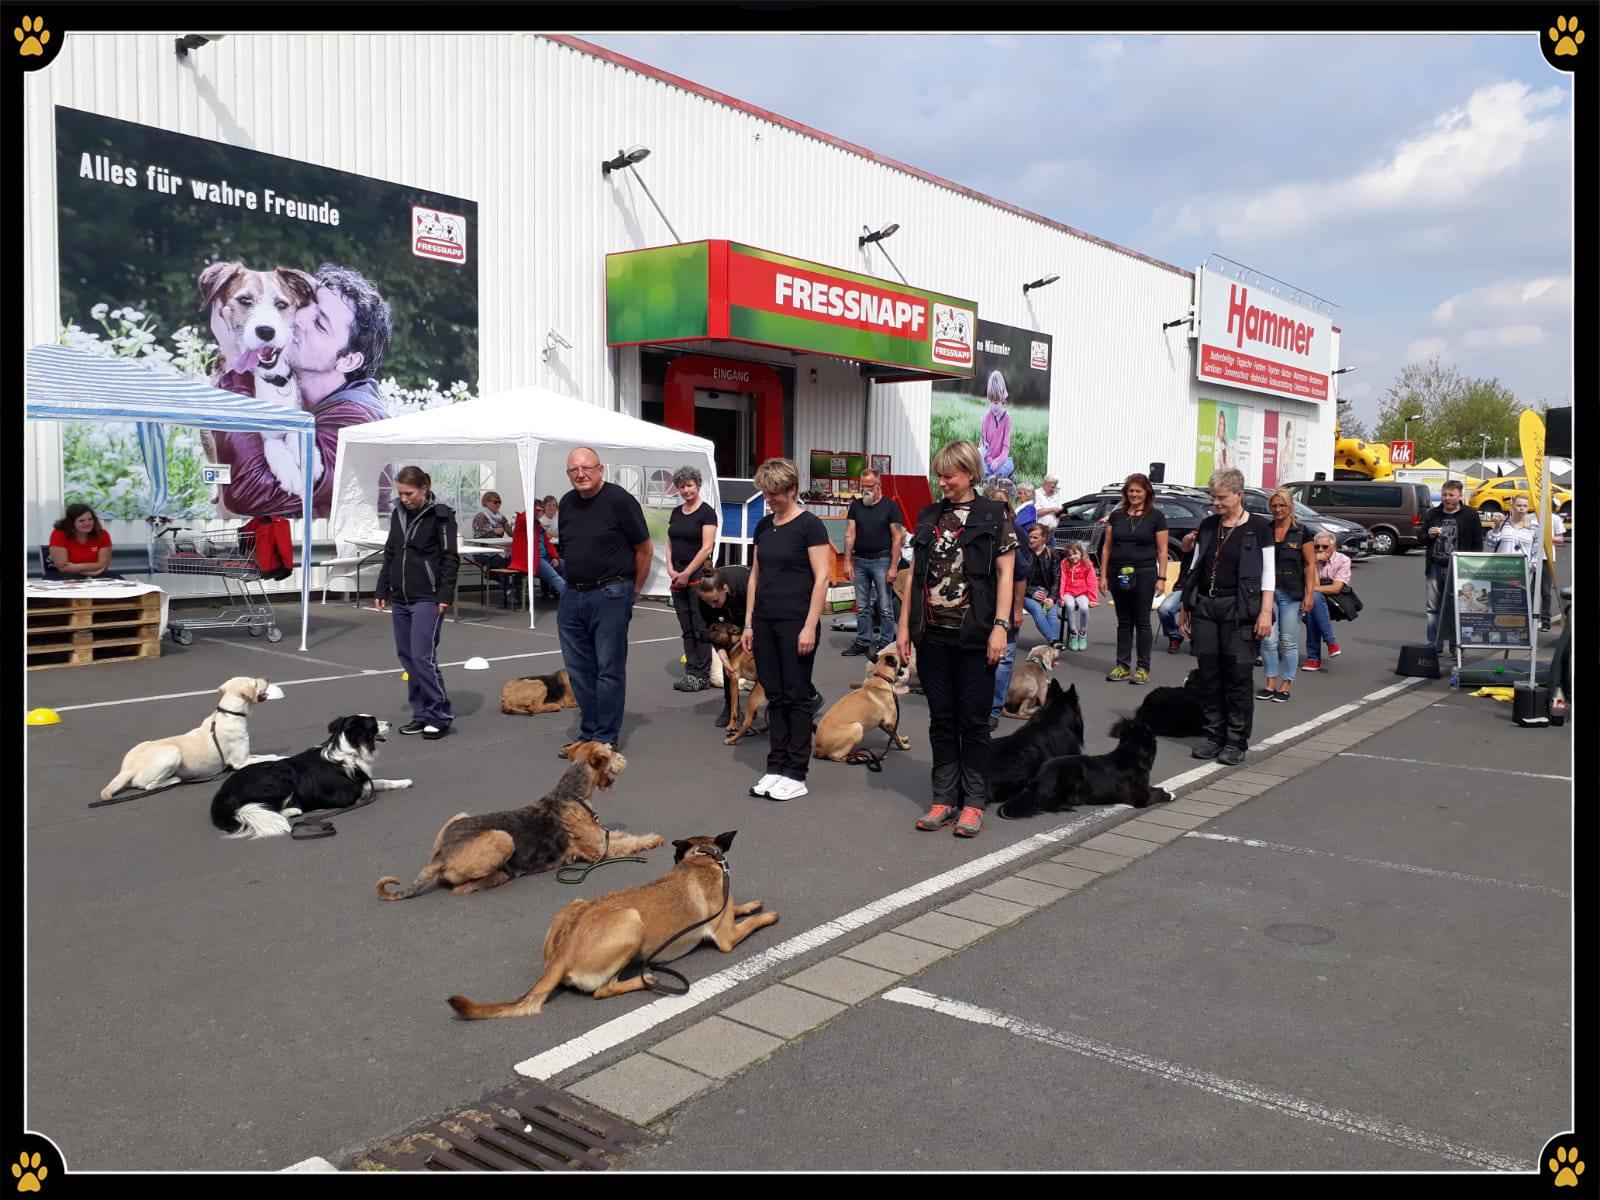 """JoBaDog auf dem Frühlingsfest von Fressnapf in Oranienburg - Heute präsentierte JoBaDog, auf dem Frühlingsfest von Fressnapf Deutschland Oranienburg, viele unterschiedliche Hunderassen und deren Fähigkeiten! 😄Die individuellen Hund-Mensch-Teams begeisterten das Publikum und sorgten für viele, faszinierte Interessenten. 💛Wer uns heute verpasst hat kann auch morgen beim JoBaDog Stand des Frühlingsfestes vorbeikommen. 🌸Um 13:30 Uhr und 15:30 Uhr präsentieren die Hundeschüler, neben dem Grundgehorsam im Gruppentraining, auch Aktivitäten wie """"Trick-Dog"""" und das """"Longieren"""". 🐕Seid gespannt und kommt vorbei! Ich freue mich auf Euch. 🥰"""